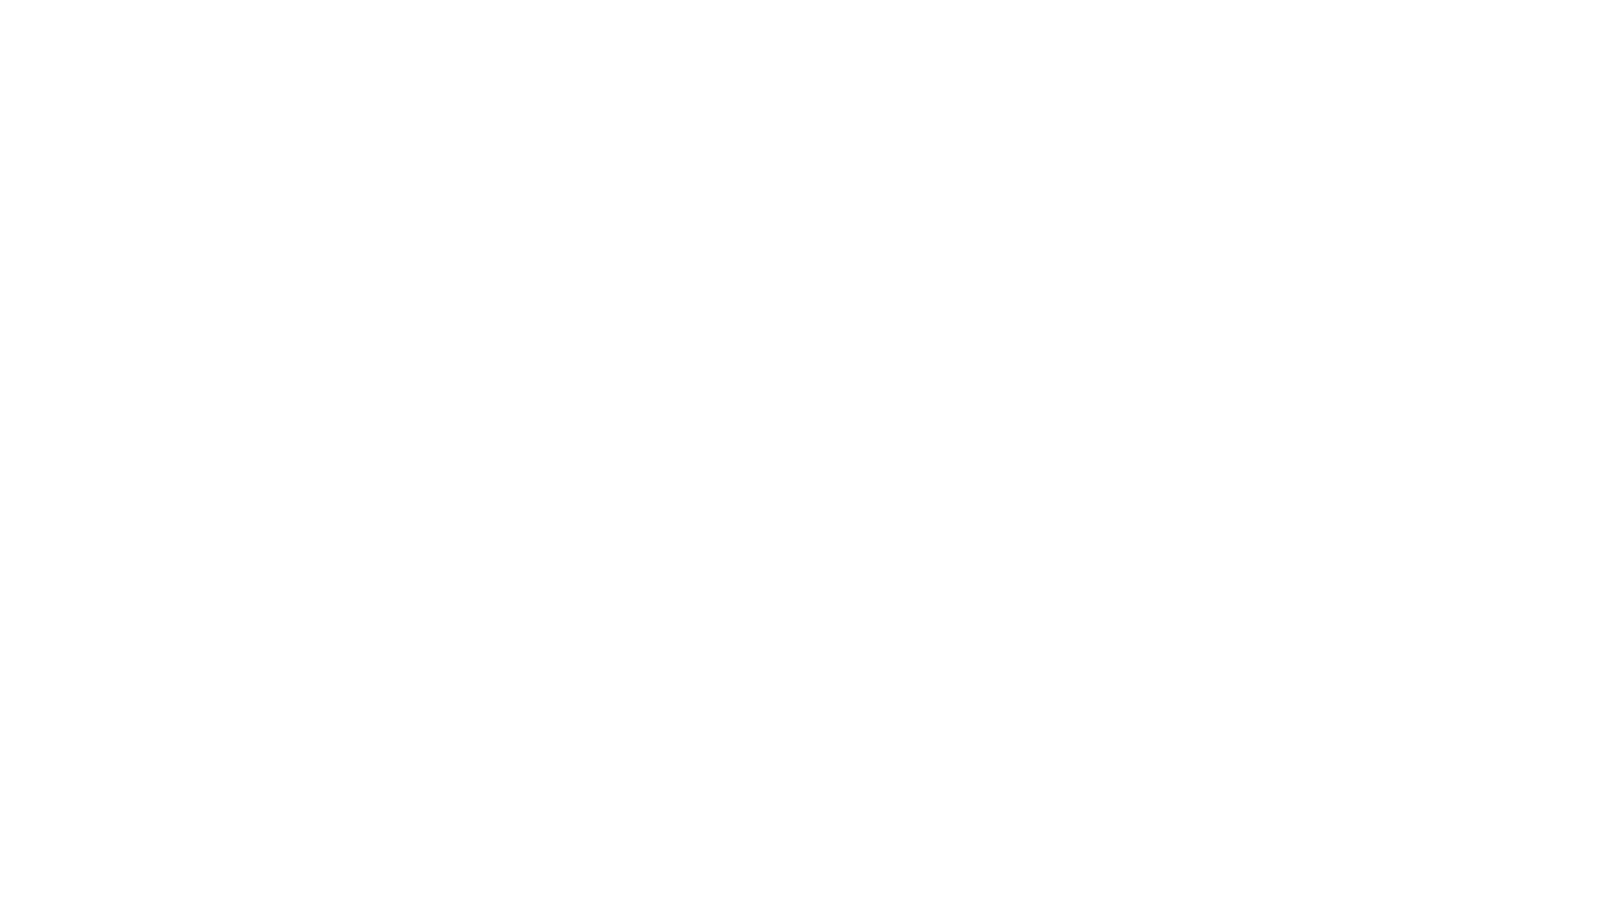 https://www.lericettedellacontea.it/ricetta-costolette-dagnello-con-patate-e-carciofi/  Come da tradizione nella cucina italiana,specialmente nel periodo pasquale, si ha l'usanza di preparare e portare in tavola l'agnello. Il taglio di carne più utilizzato e gustoso, sono le costolette, preparate in tanti modi, in base anche alla tradizione locale. Una preparazione classica é quella di cuocerle al forno, accompagnandole con le patate e i carciofi. Solitamente, li metto a marinare con vino e aceto, per poi condirle; in questa ricetta, non ho utilizzato l' aceto, ma le ho direttamente condite e lasciate marinare. Un piatto goloso.  Costolette d'agnello con patate e carciofi